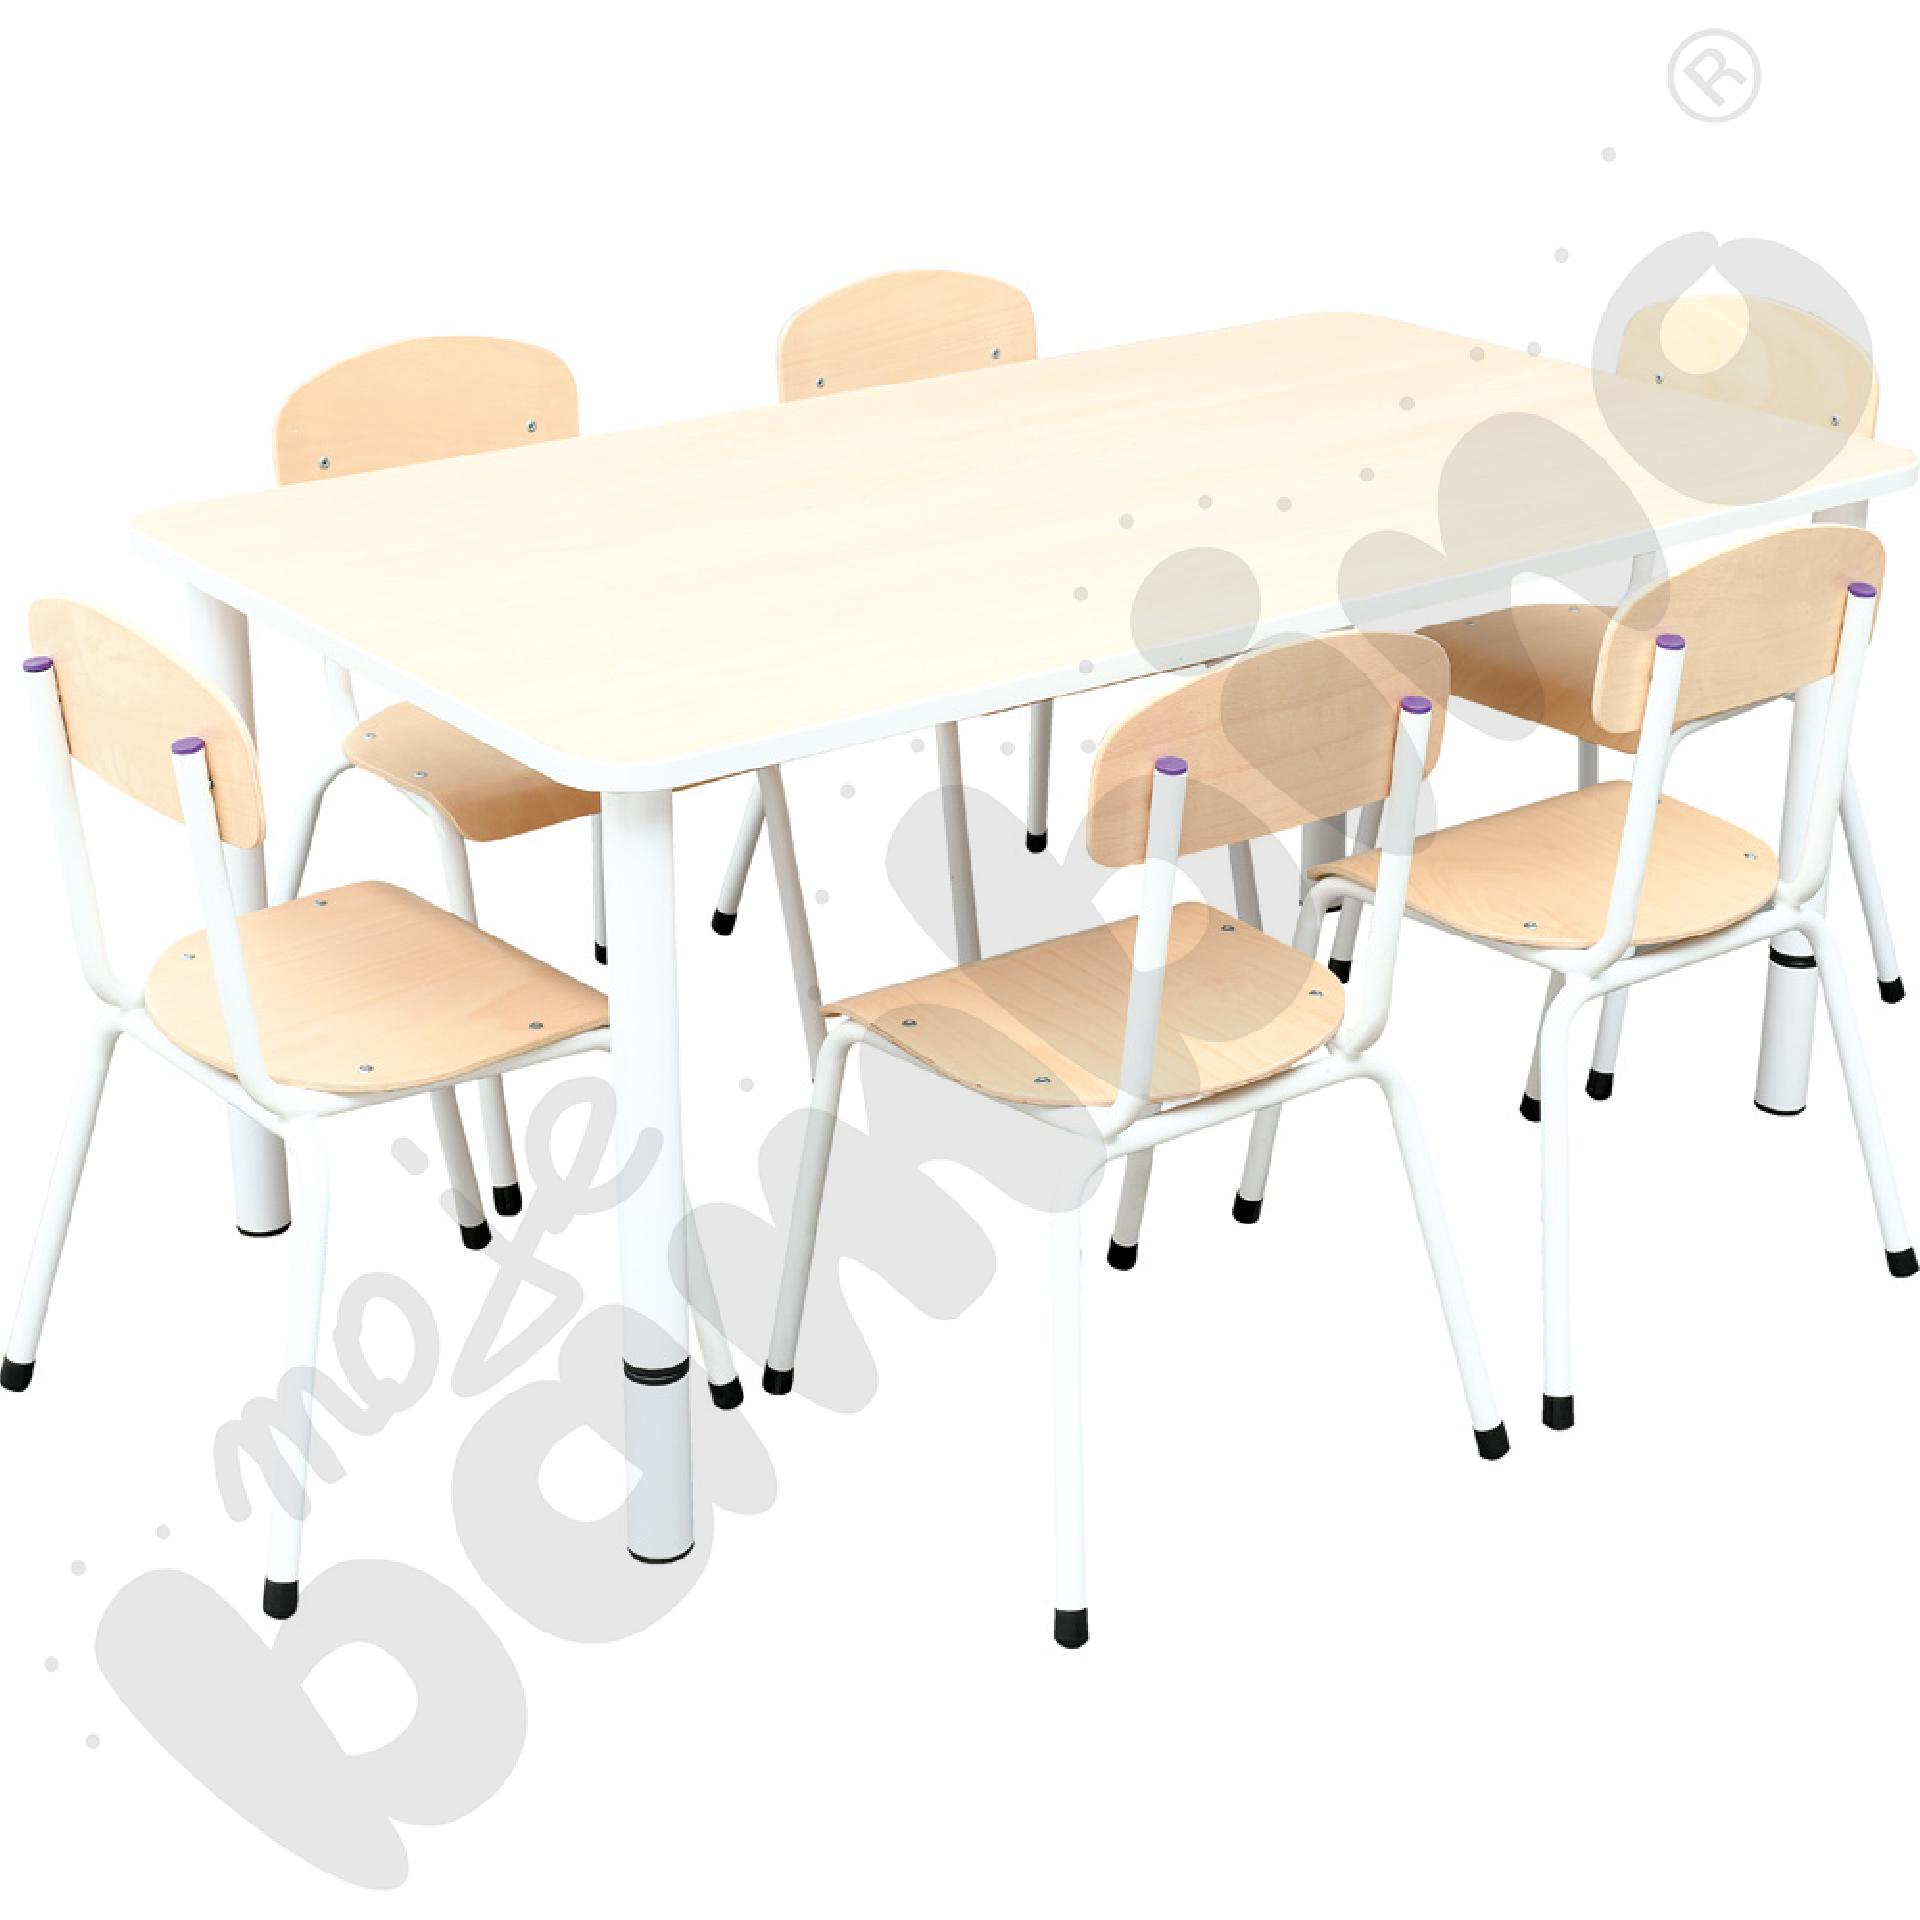 Stół Bambino prostokątny z 6 krzesłami Bambino rozm. 2.